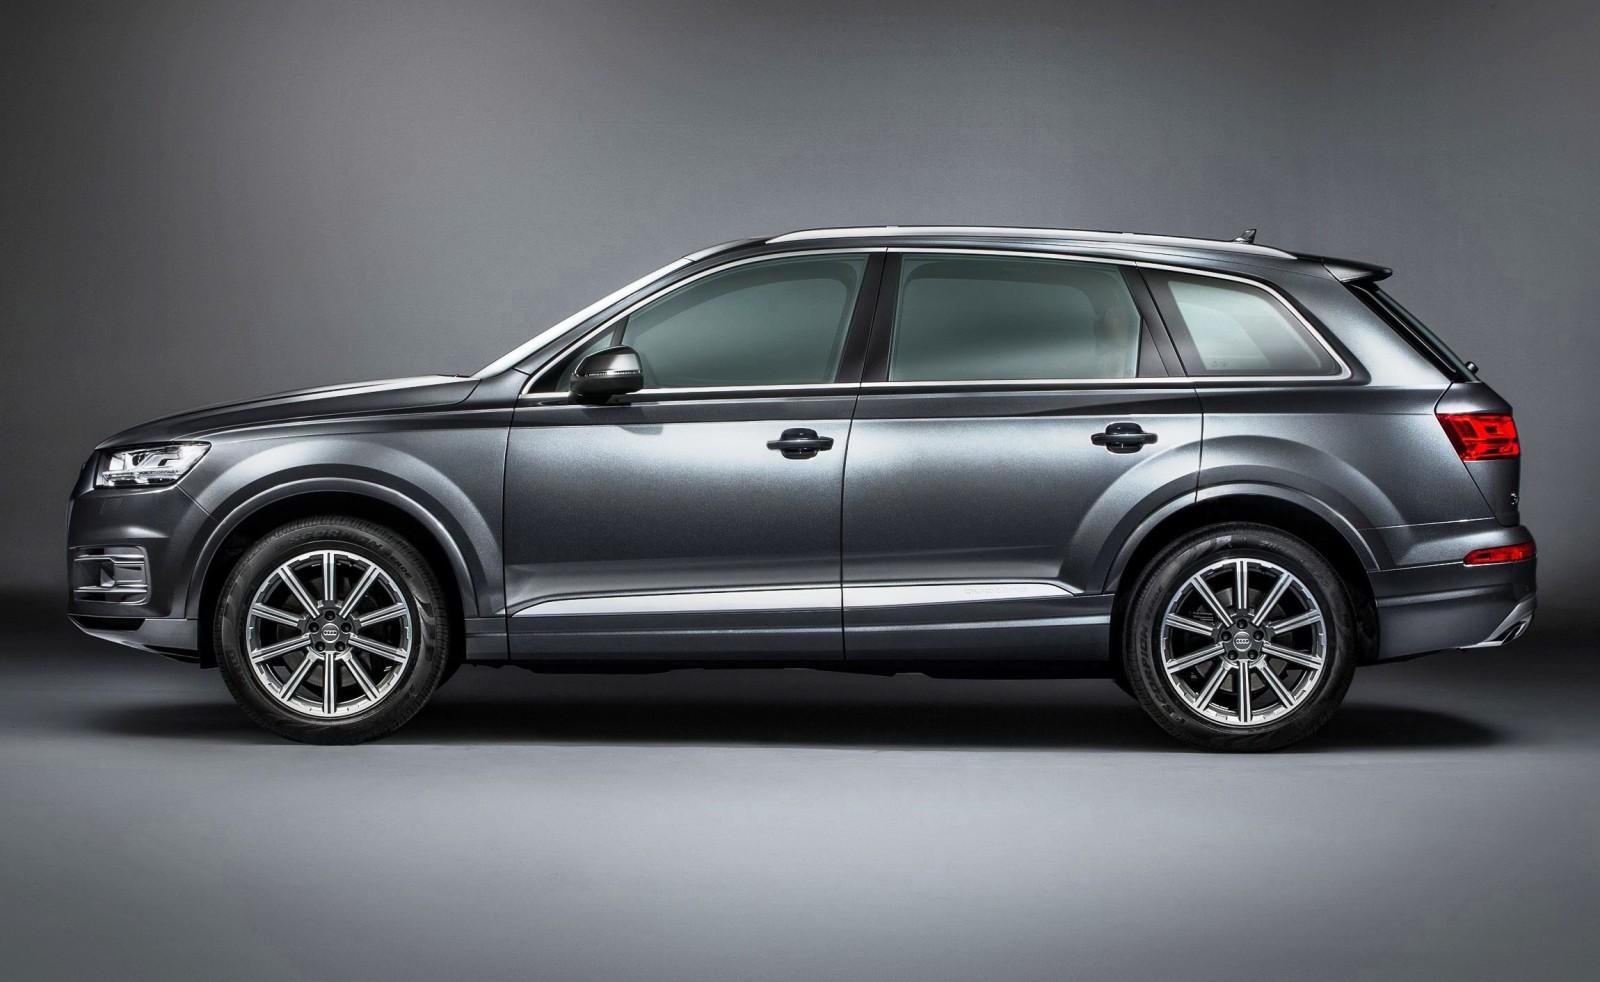 Audi 2016 audi q7 : 2016 Audi Q7 e-tron 4